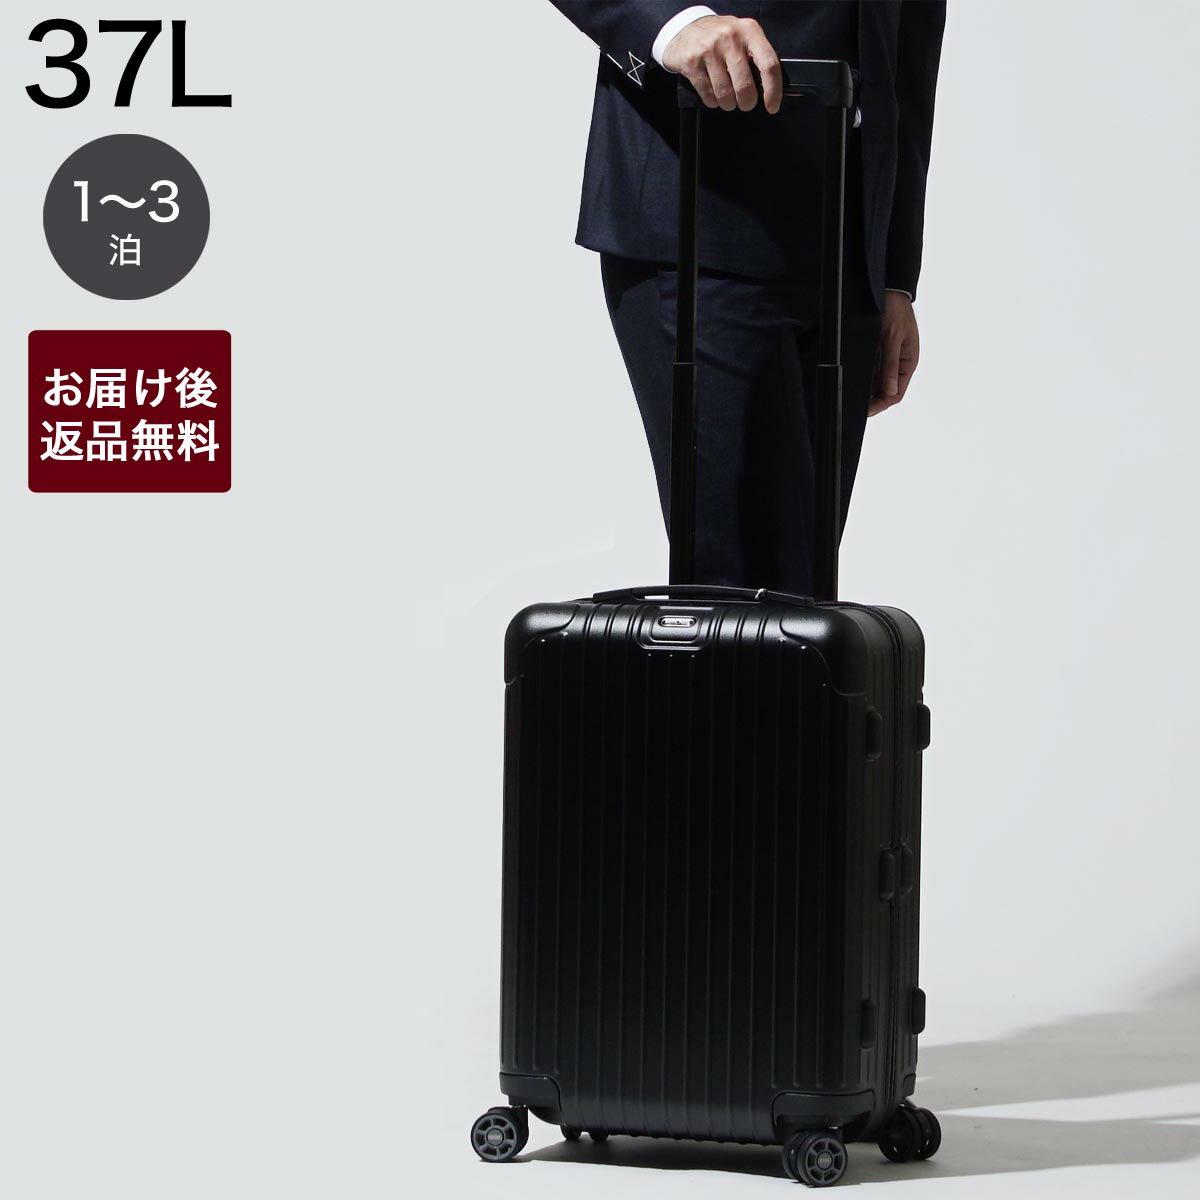 リモワ RIMOWA スーツケース キャリーケース ブラック メンズ レディース ビジネストローリー 機内持ち込み MULTIWHEEL 37L サルサ キャビン【返品送料無料】【あす楽対応_関東】